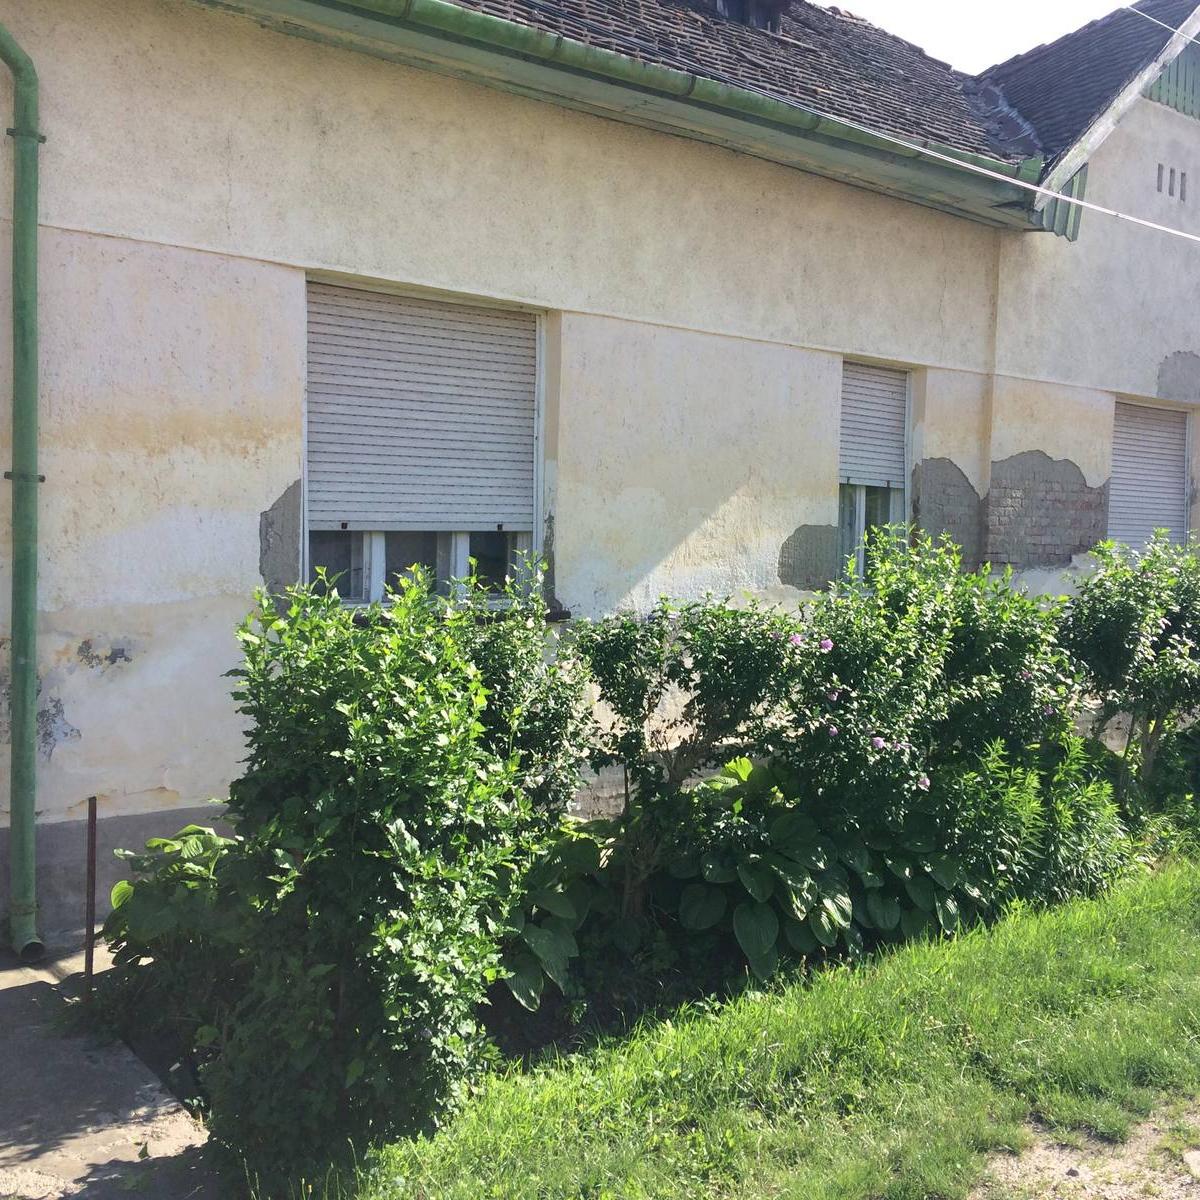 Eladó  családi ház (Jász-Nagykun-Szolnok megye, Karcag, Kígyó utca) 11 M  Ft